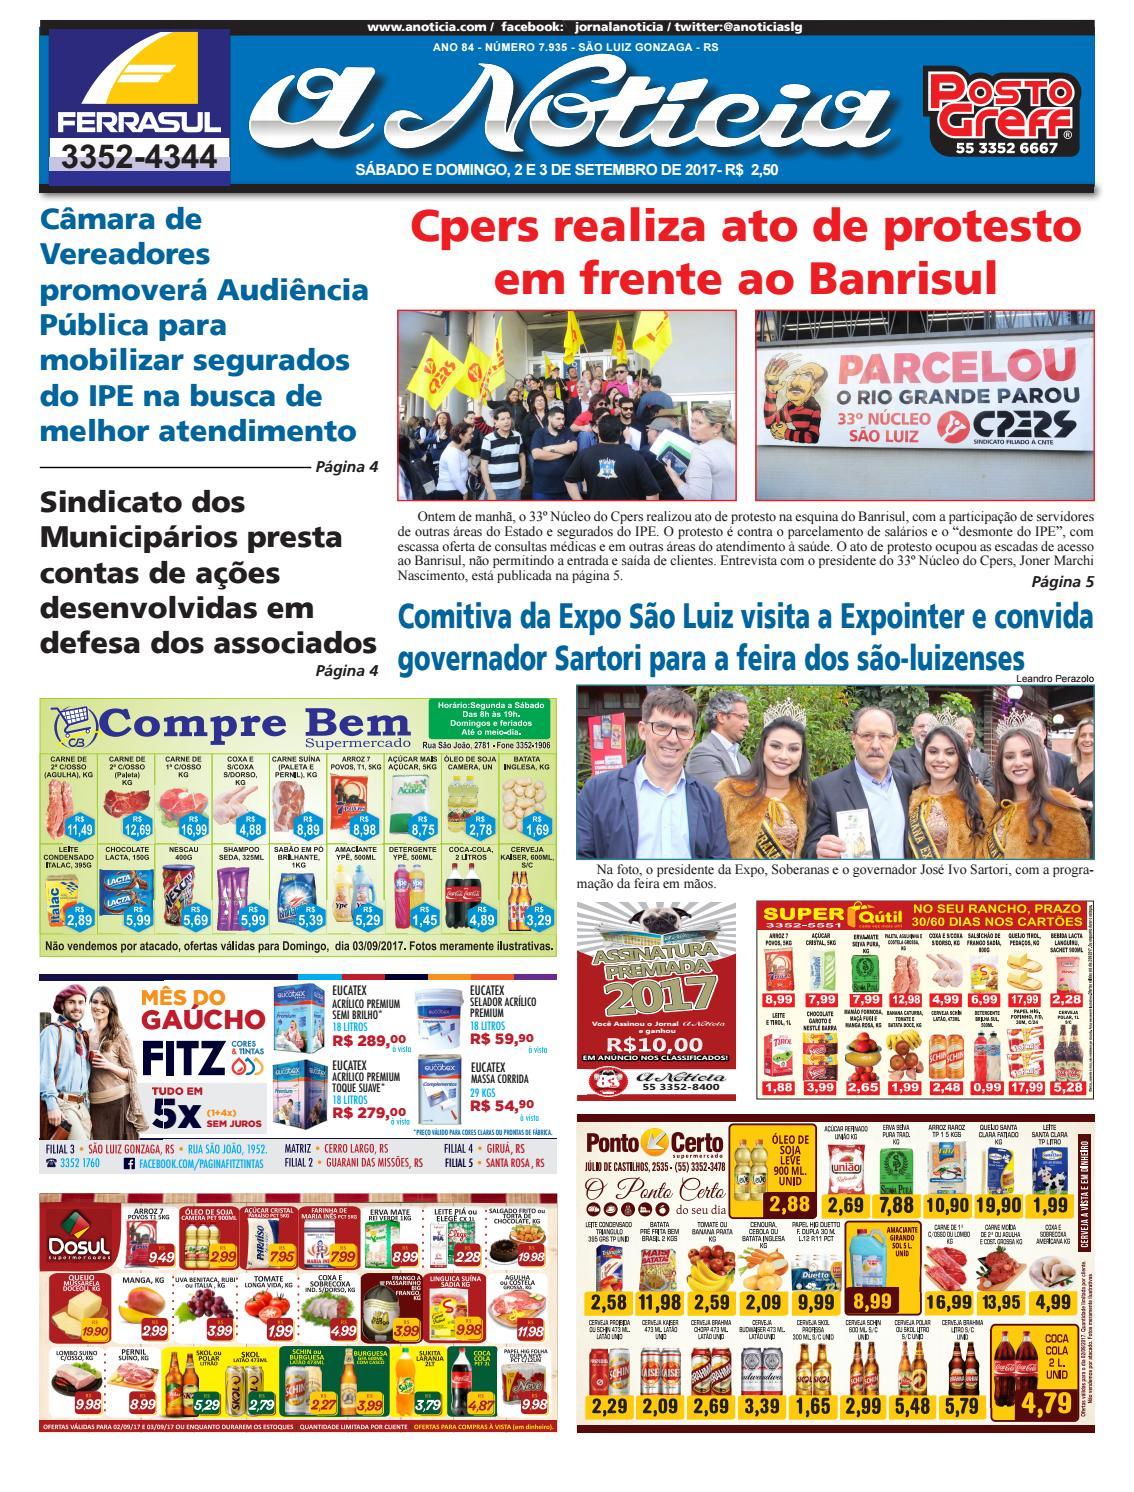 26b9375c9a Edição de 2 e 3 de setembro de 2017 by Luiz Fernando Natividade Rocha -  issuu